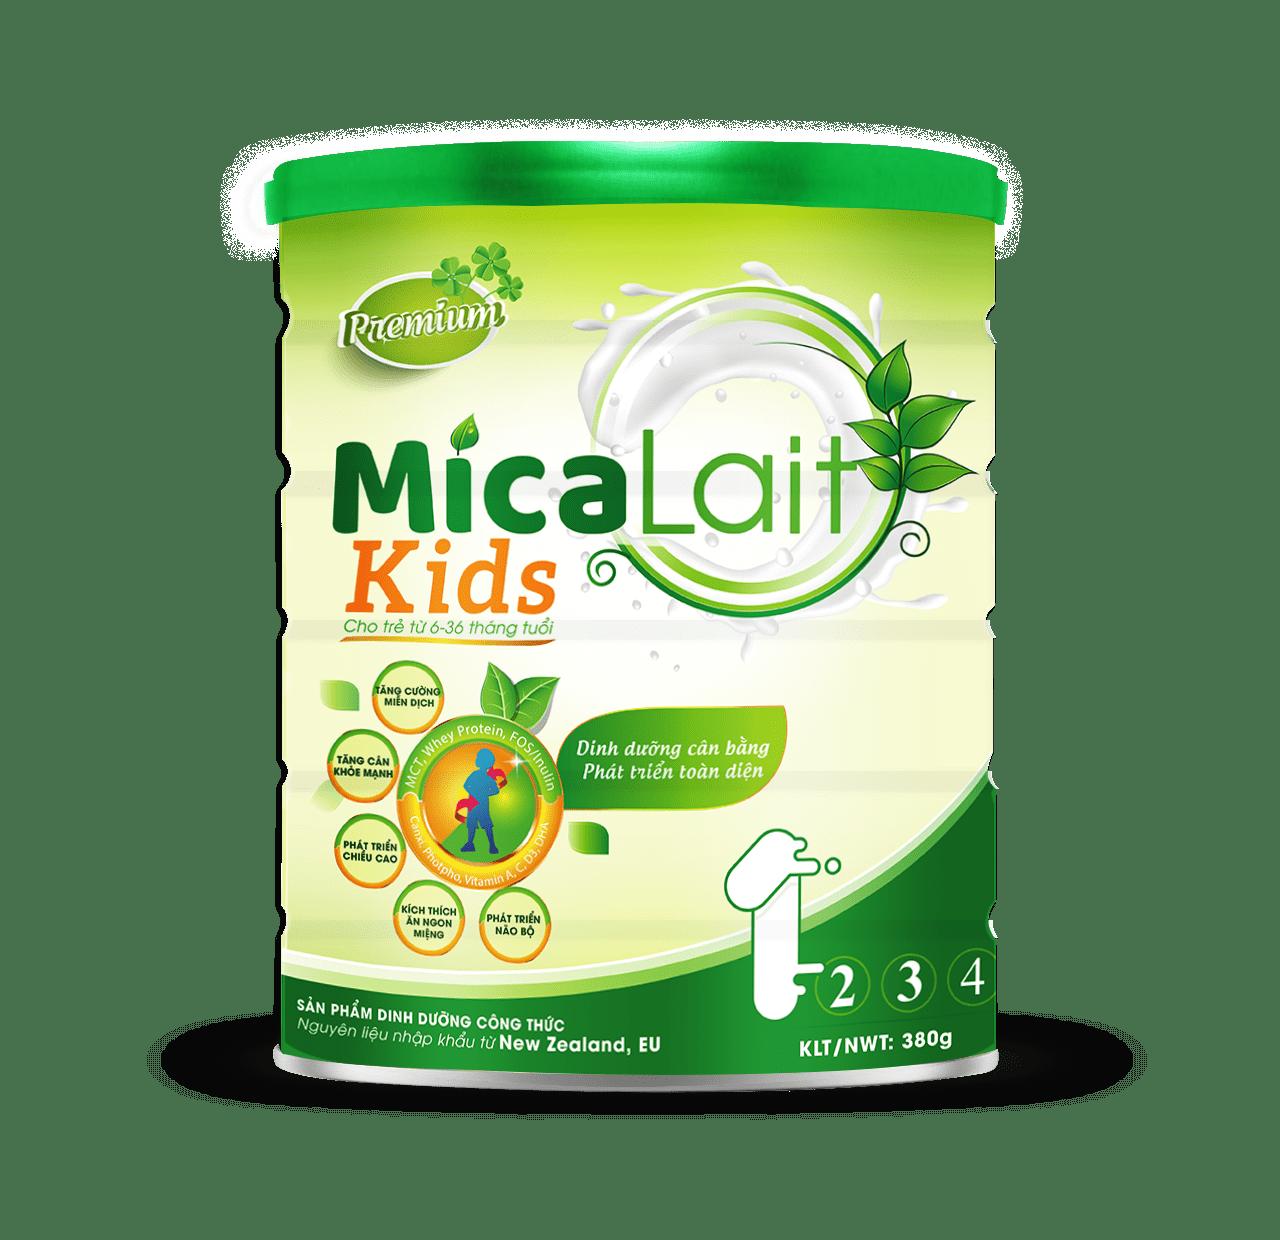 Sữa Micalait Kids